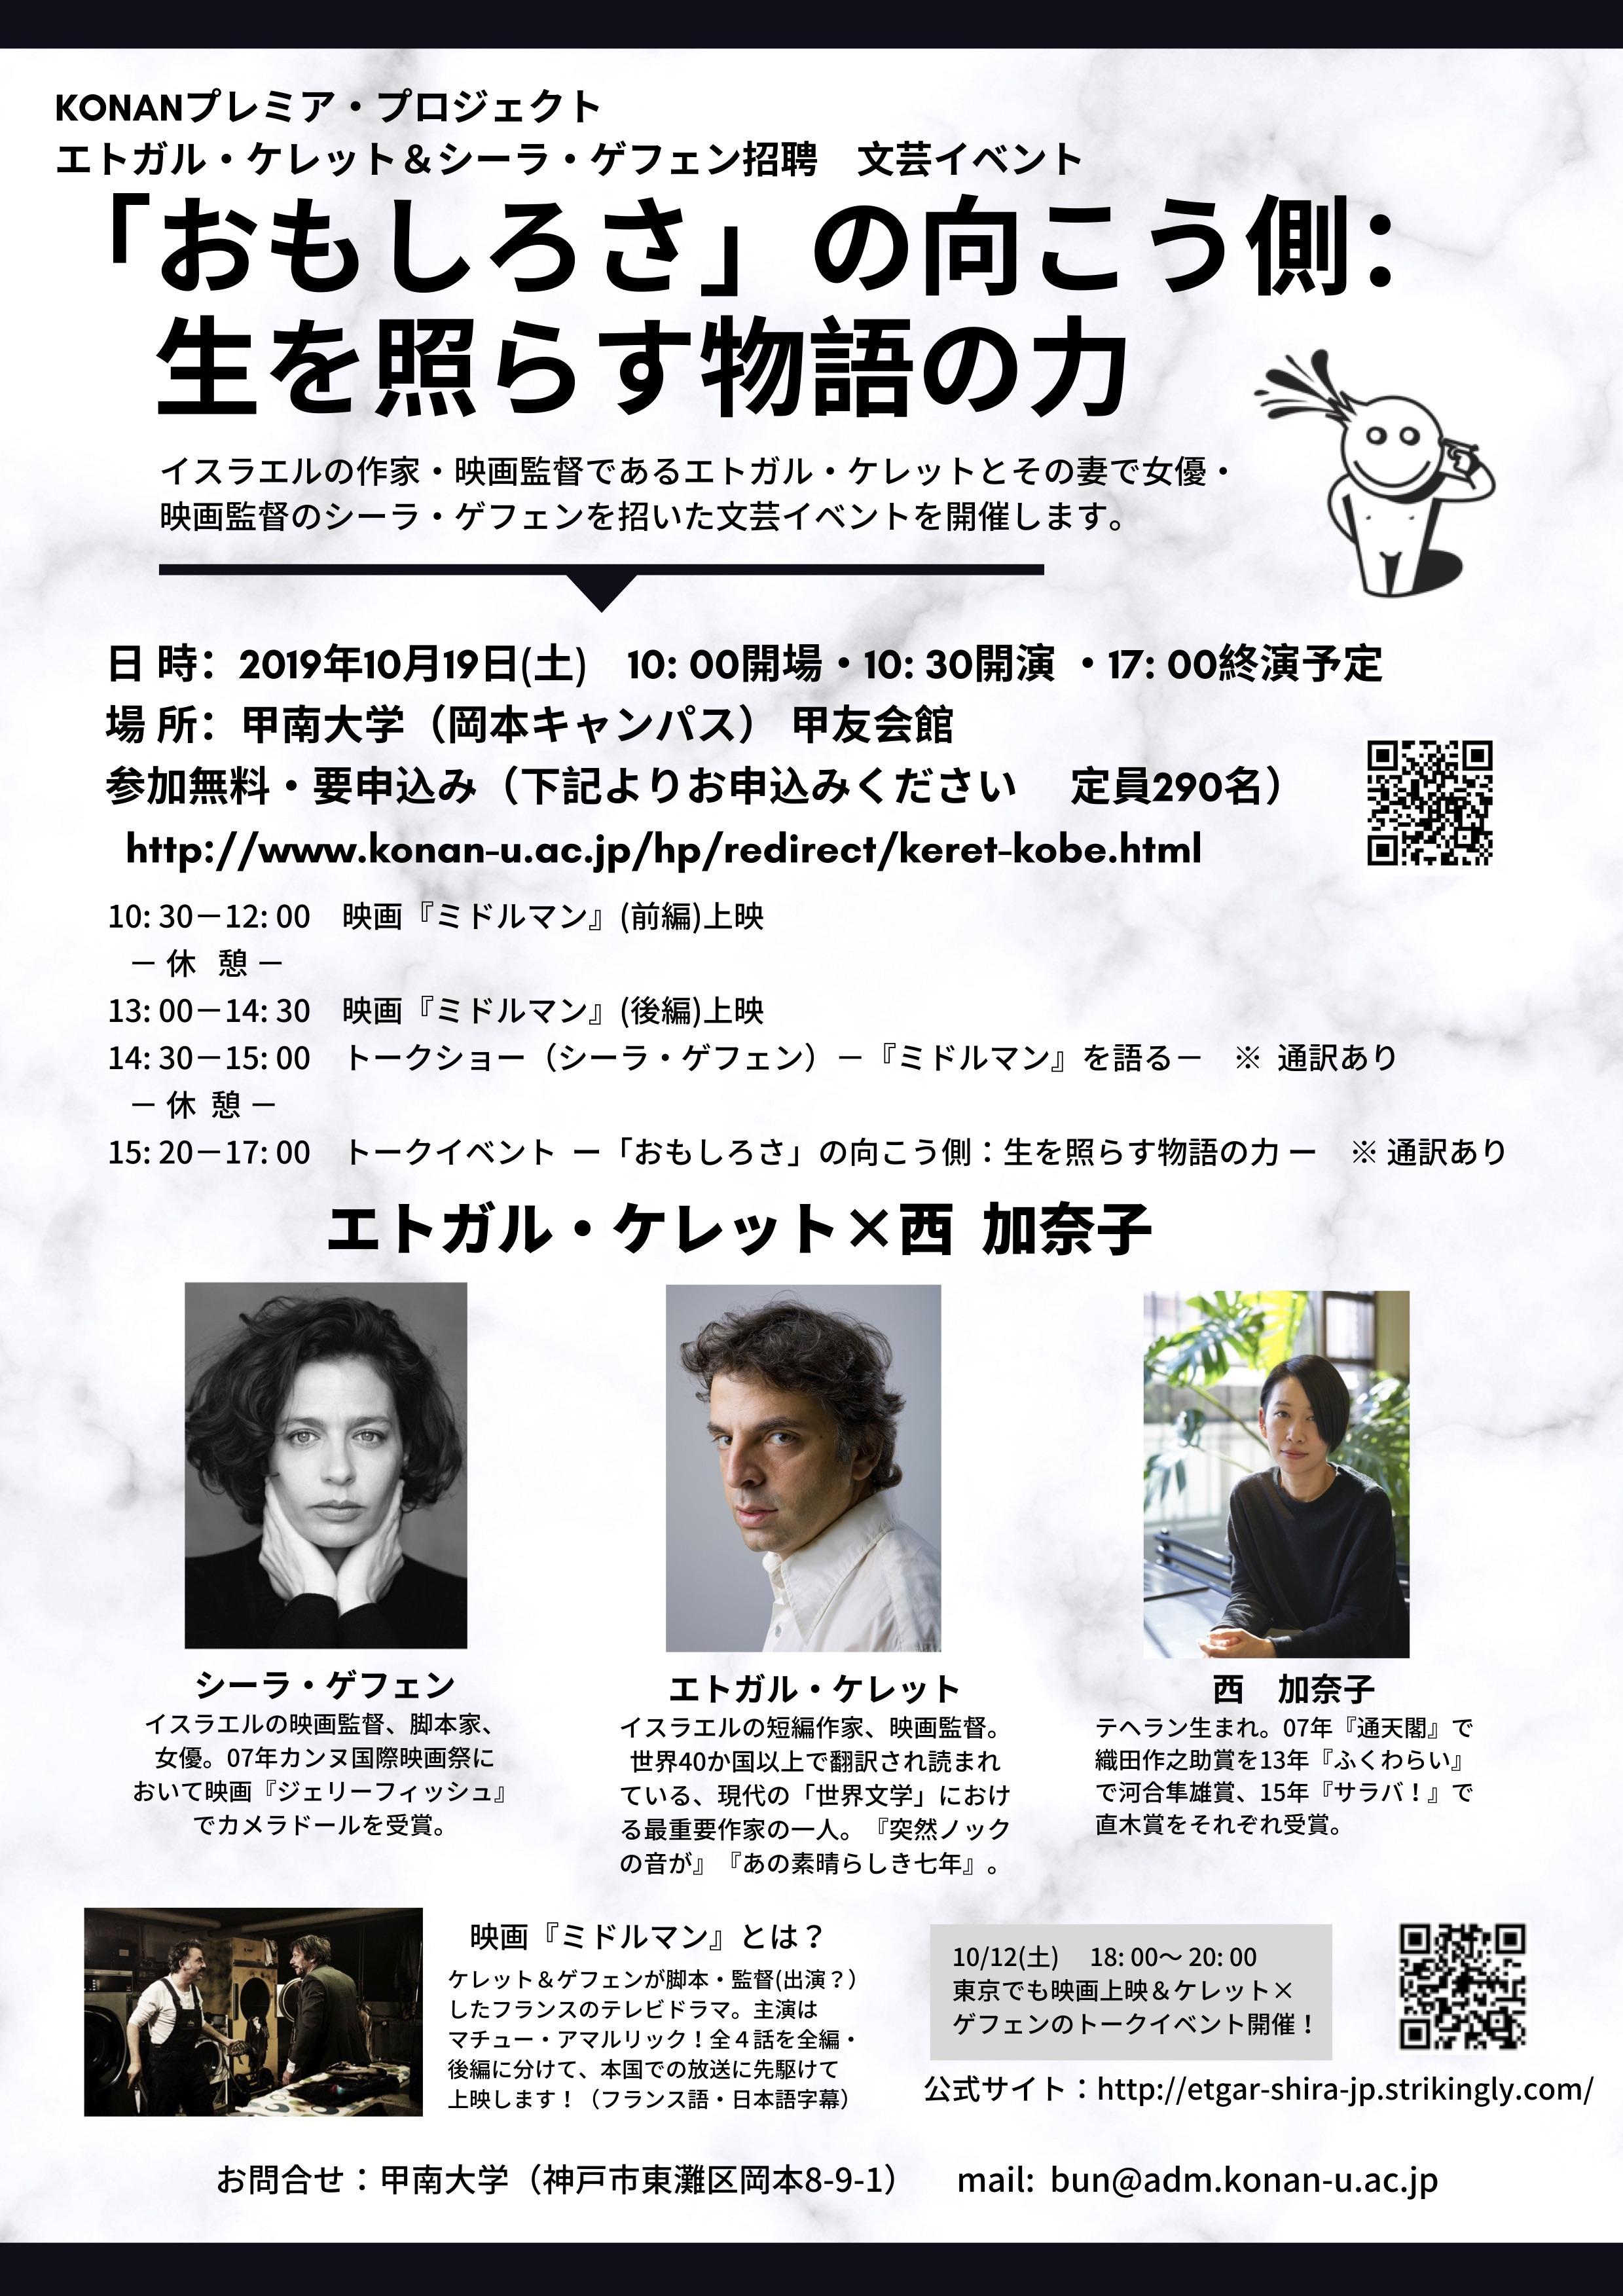 エトガル・ケレット&シーラ・ゲフェン招聘文芸イベント「『おもしろさ』の向こう側:生を照らす物語の力」